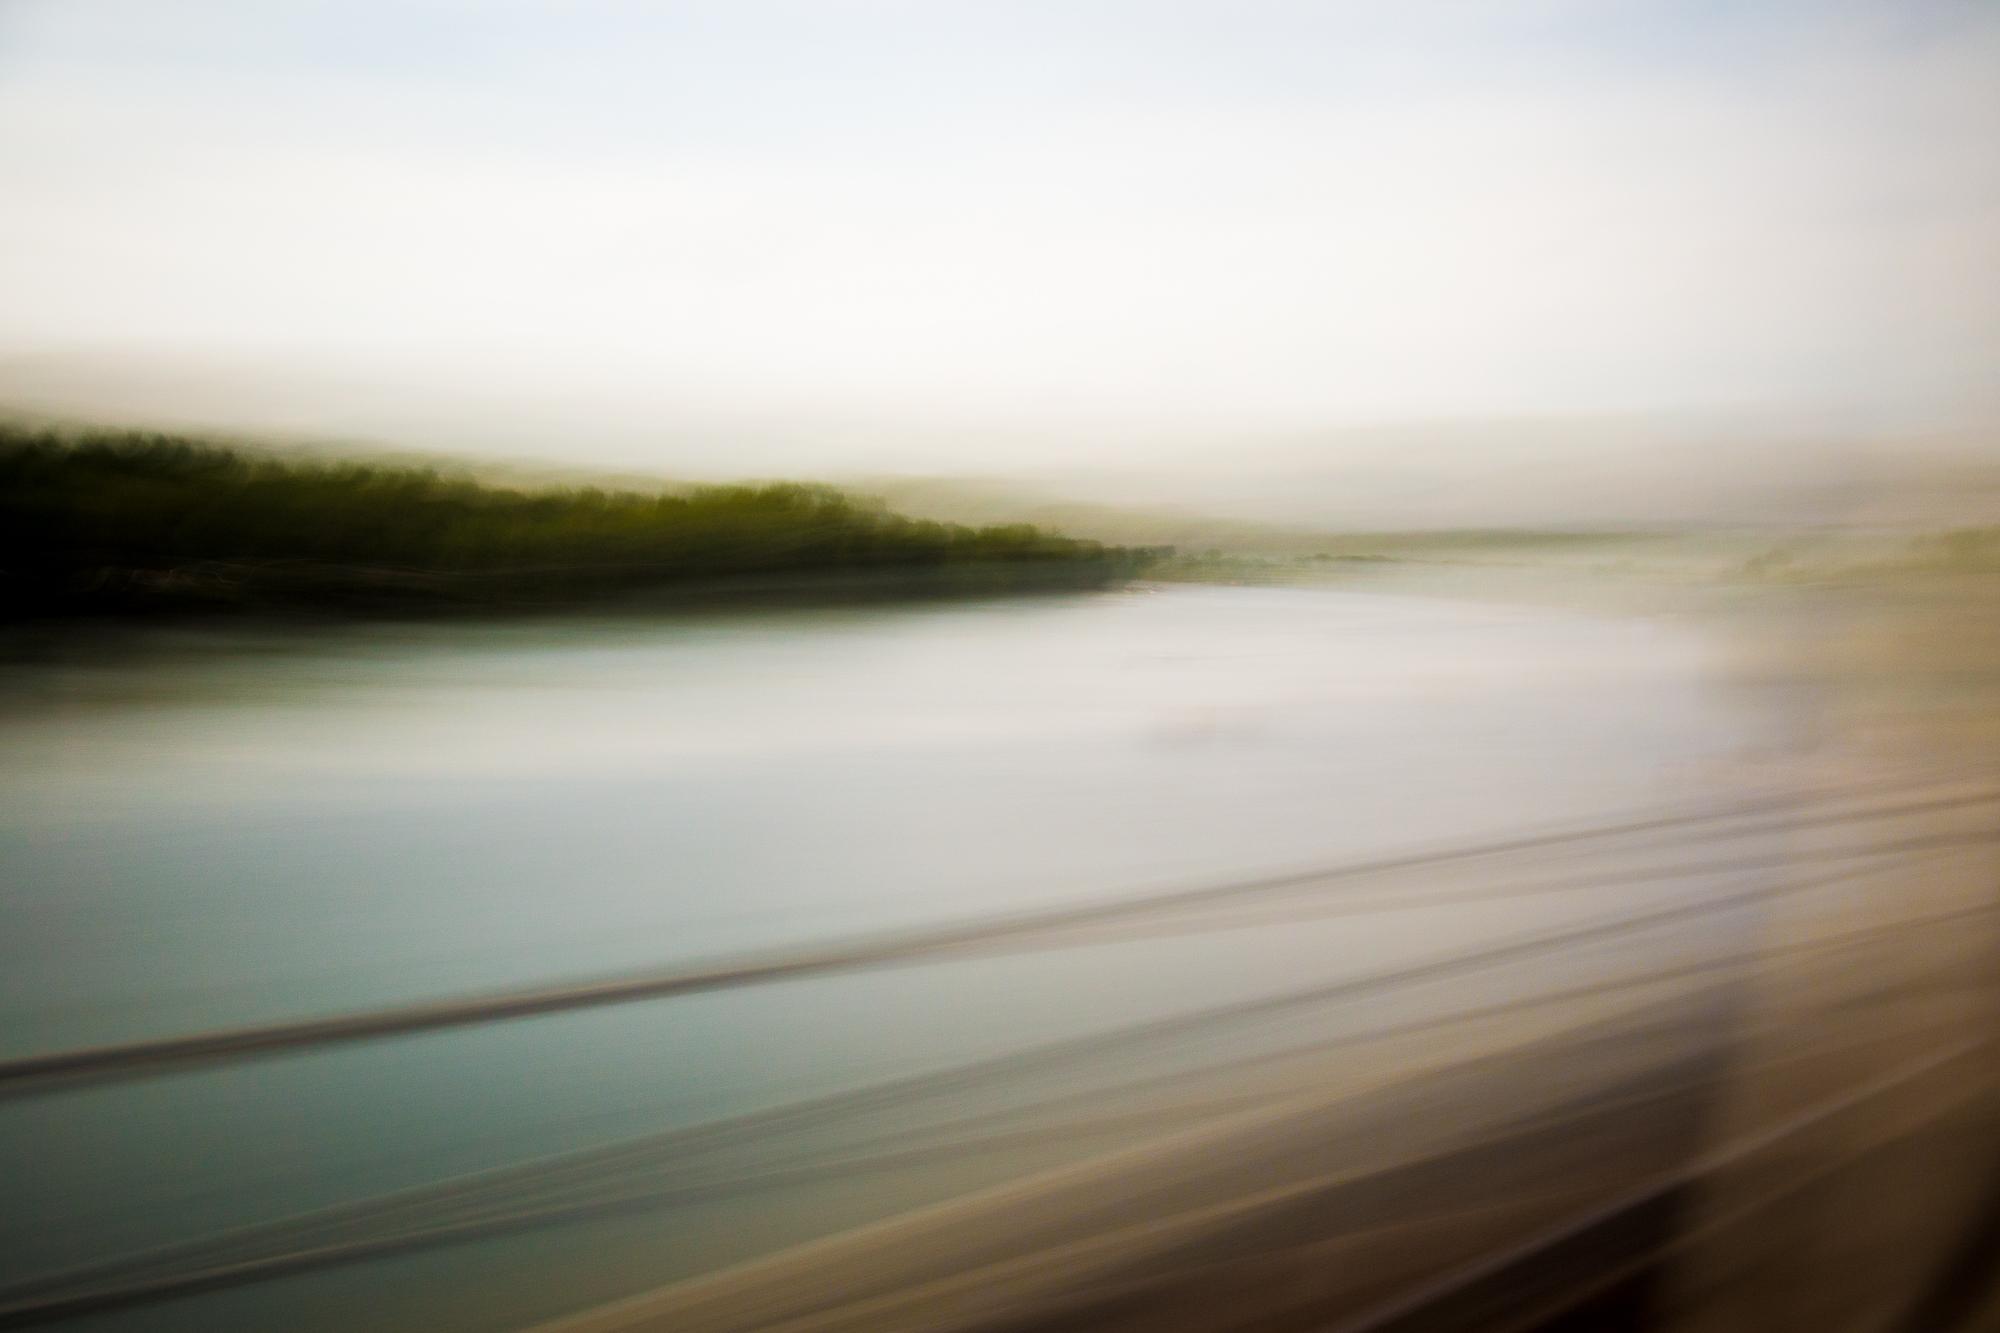 Transit02@SandraLarochelle.jpg